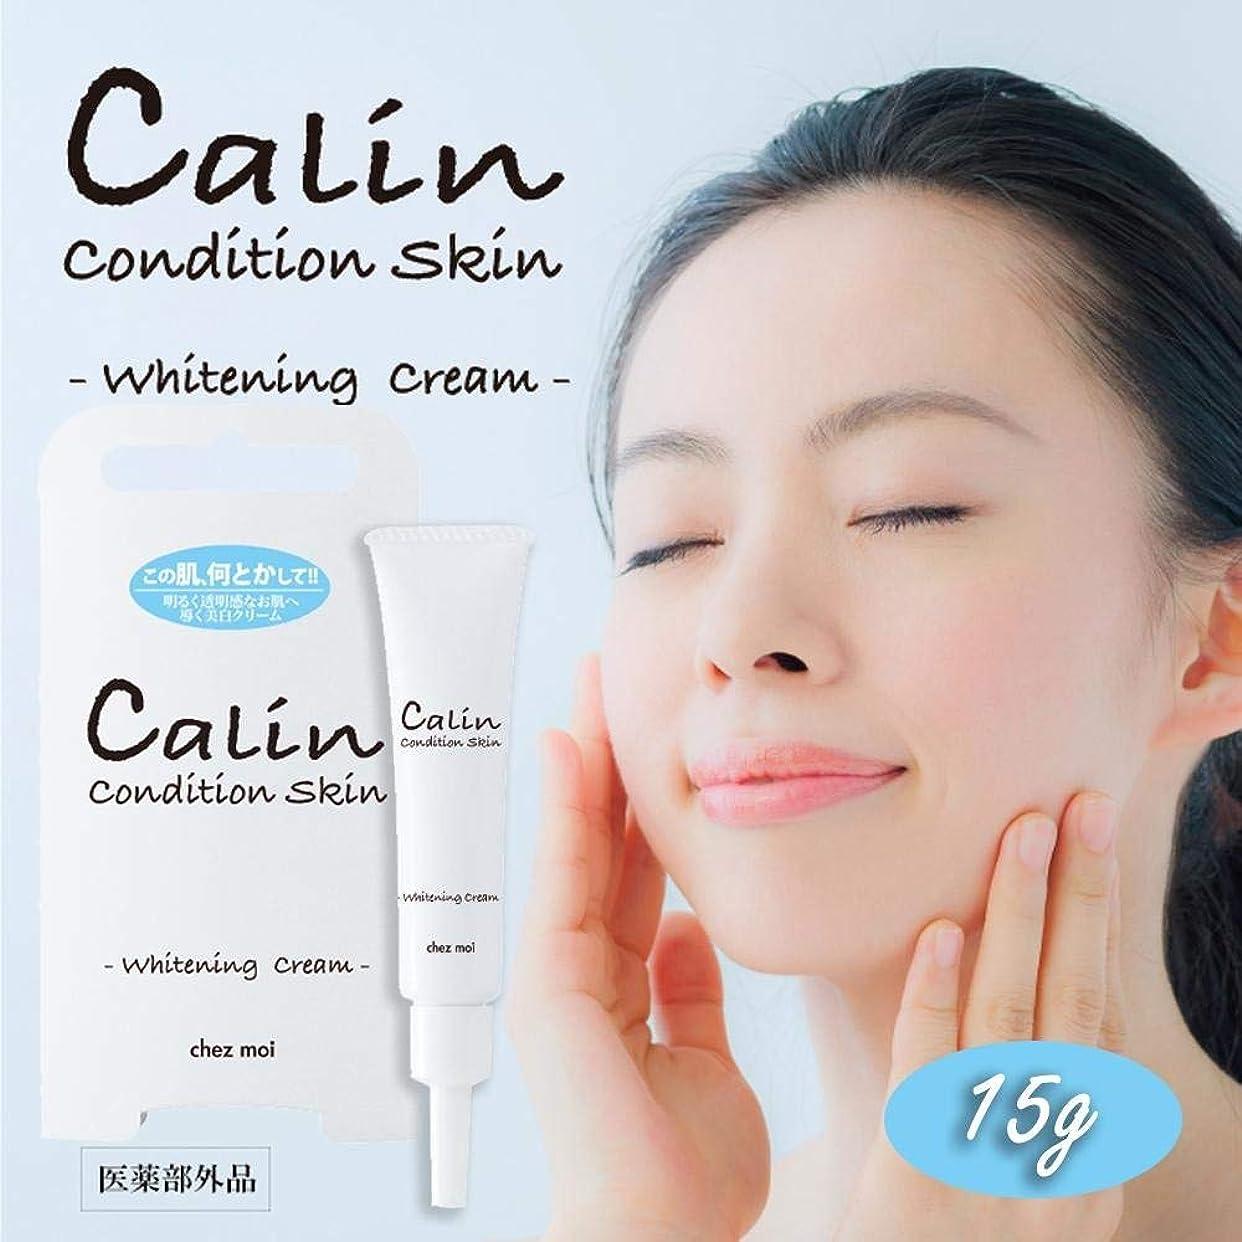 有用キャプテンブライ校長Calin(カリン) Condition Skin ‐Whitening Cream‐(ホワイトニングクリーム) 医薬部外品 15g